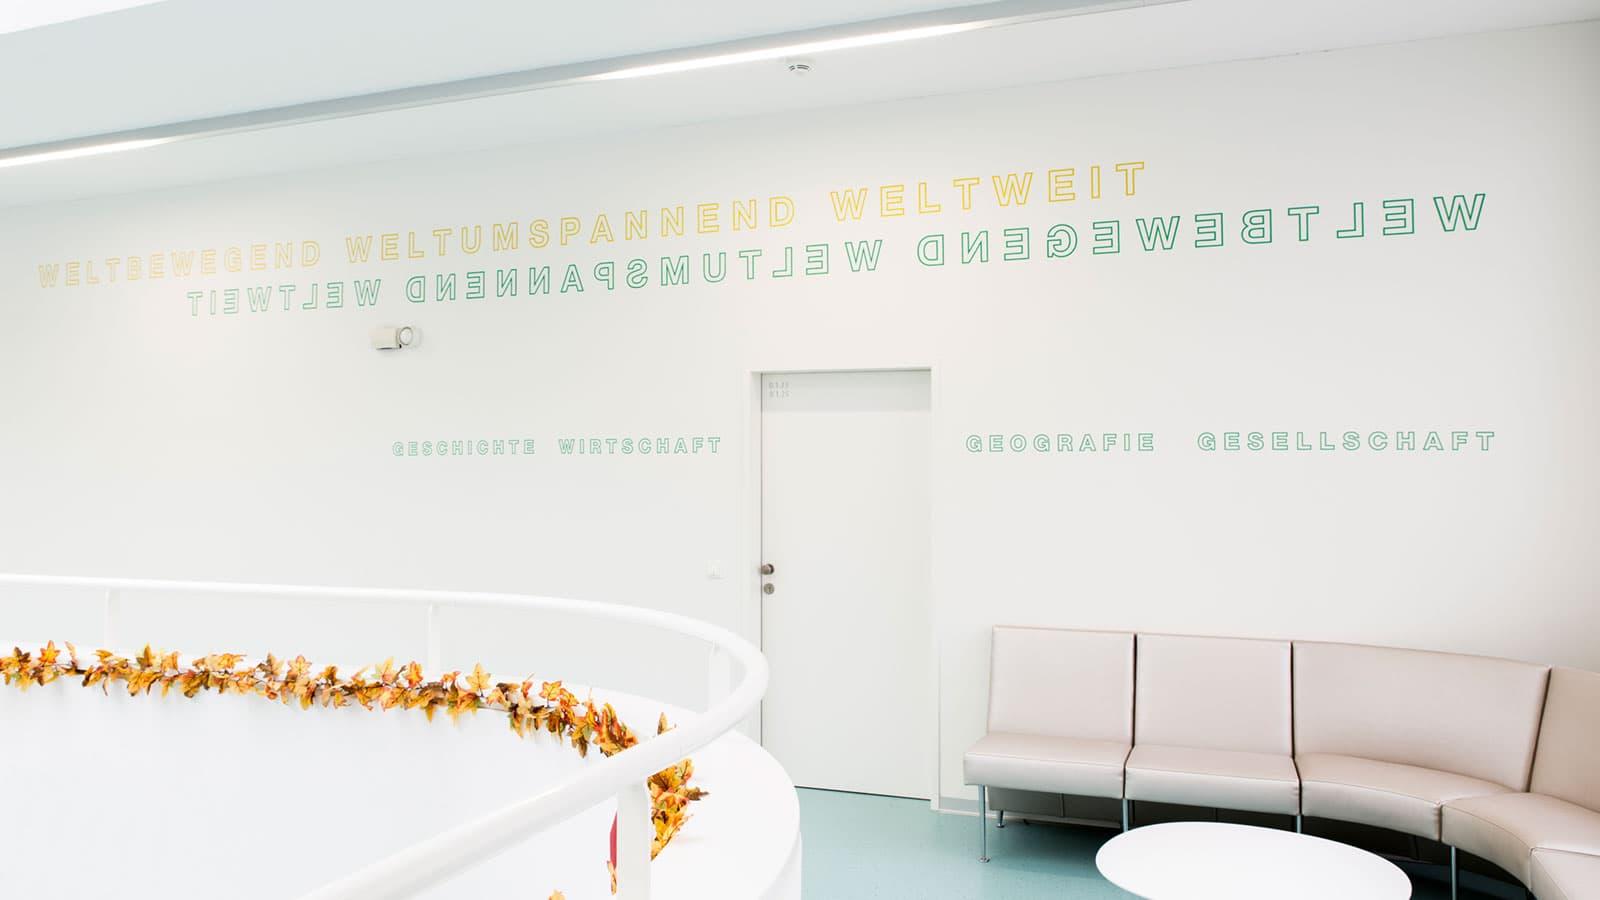 evangelisches gymnasium folienbeklebung glasmarkierung glasgestaltung